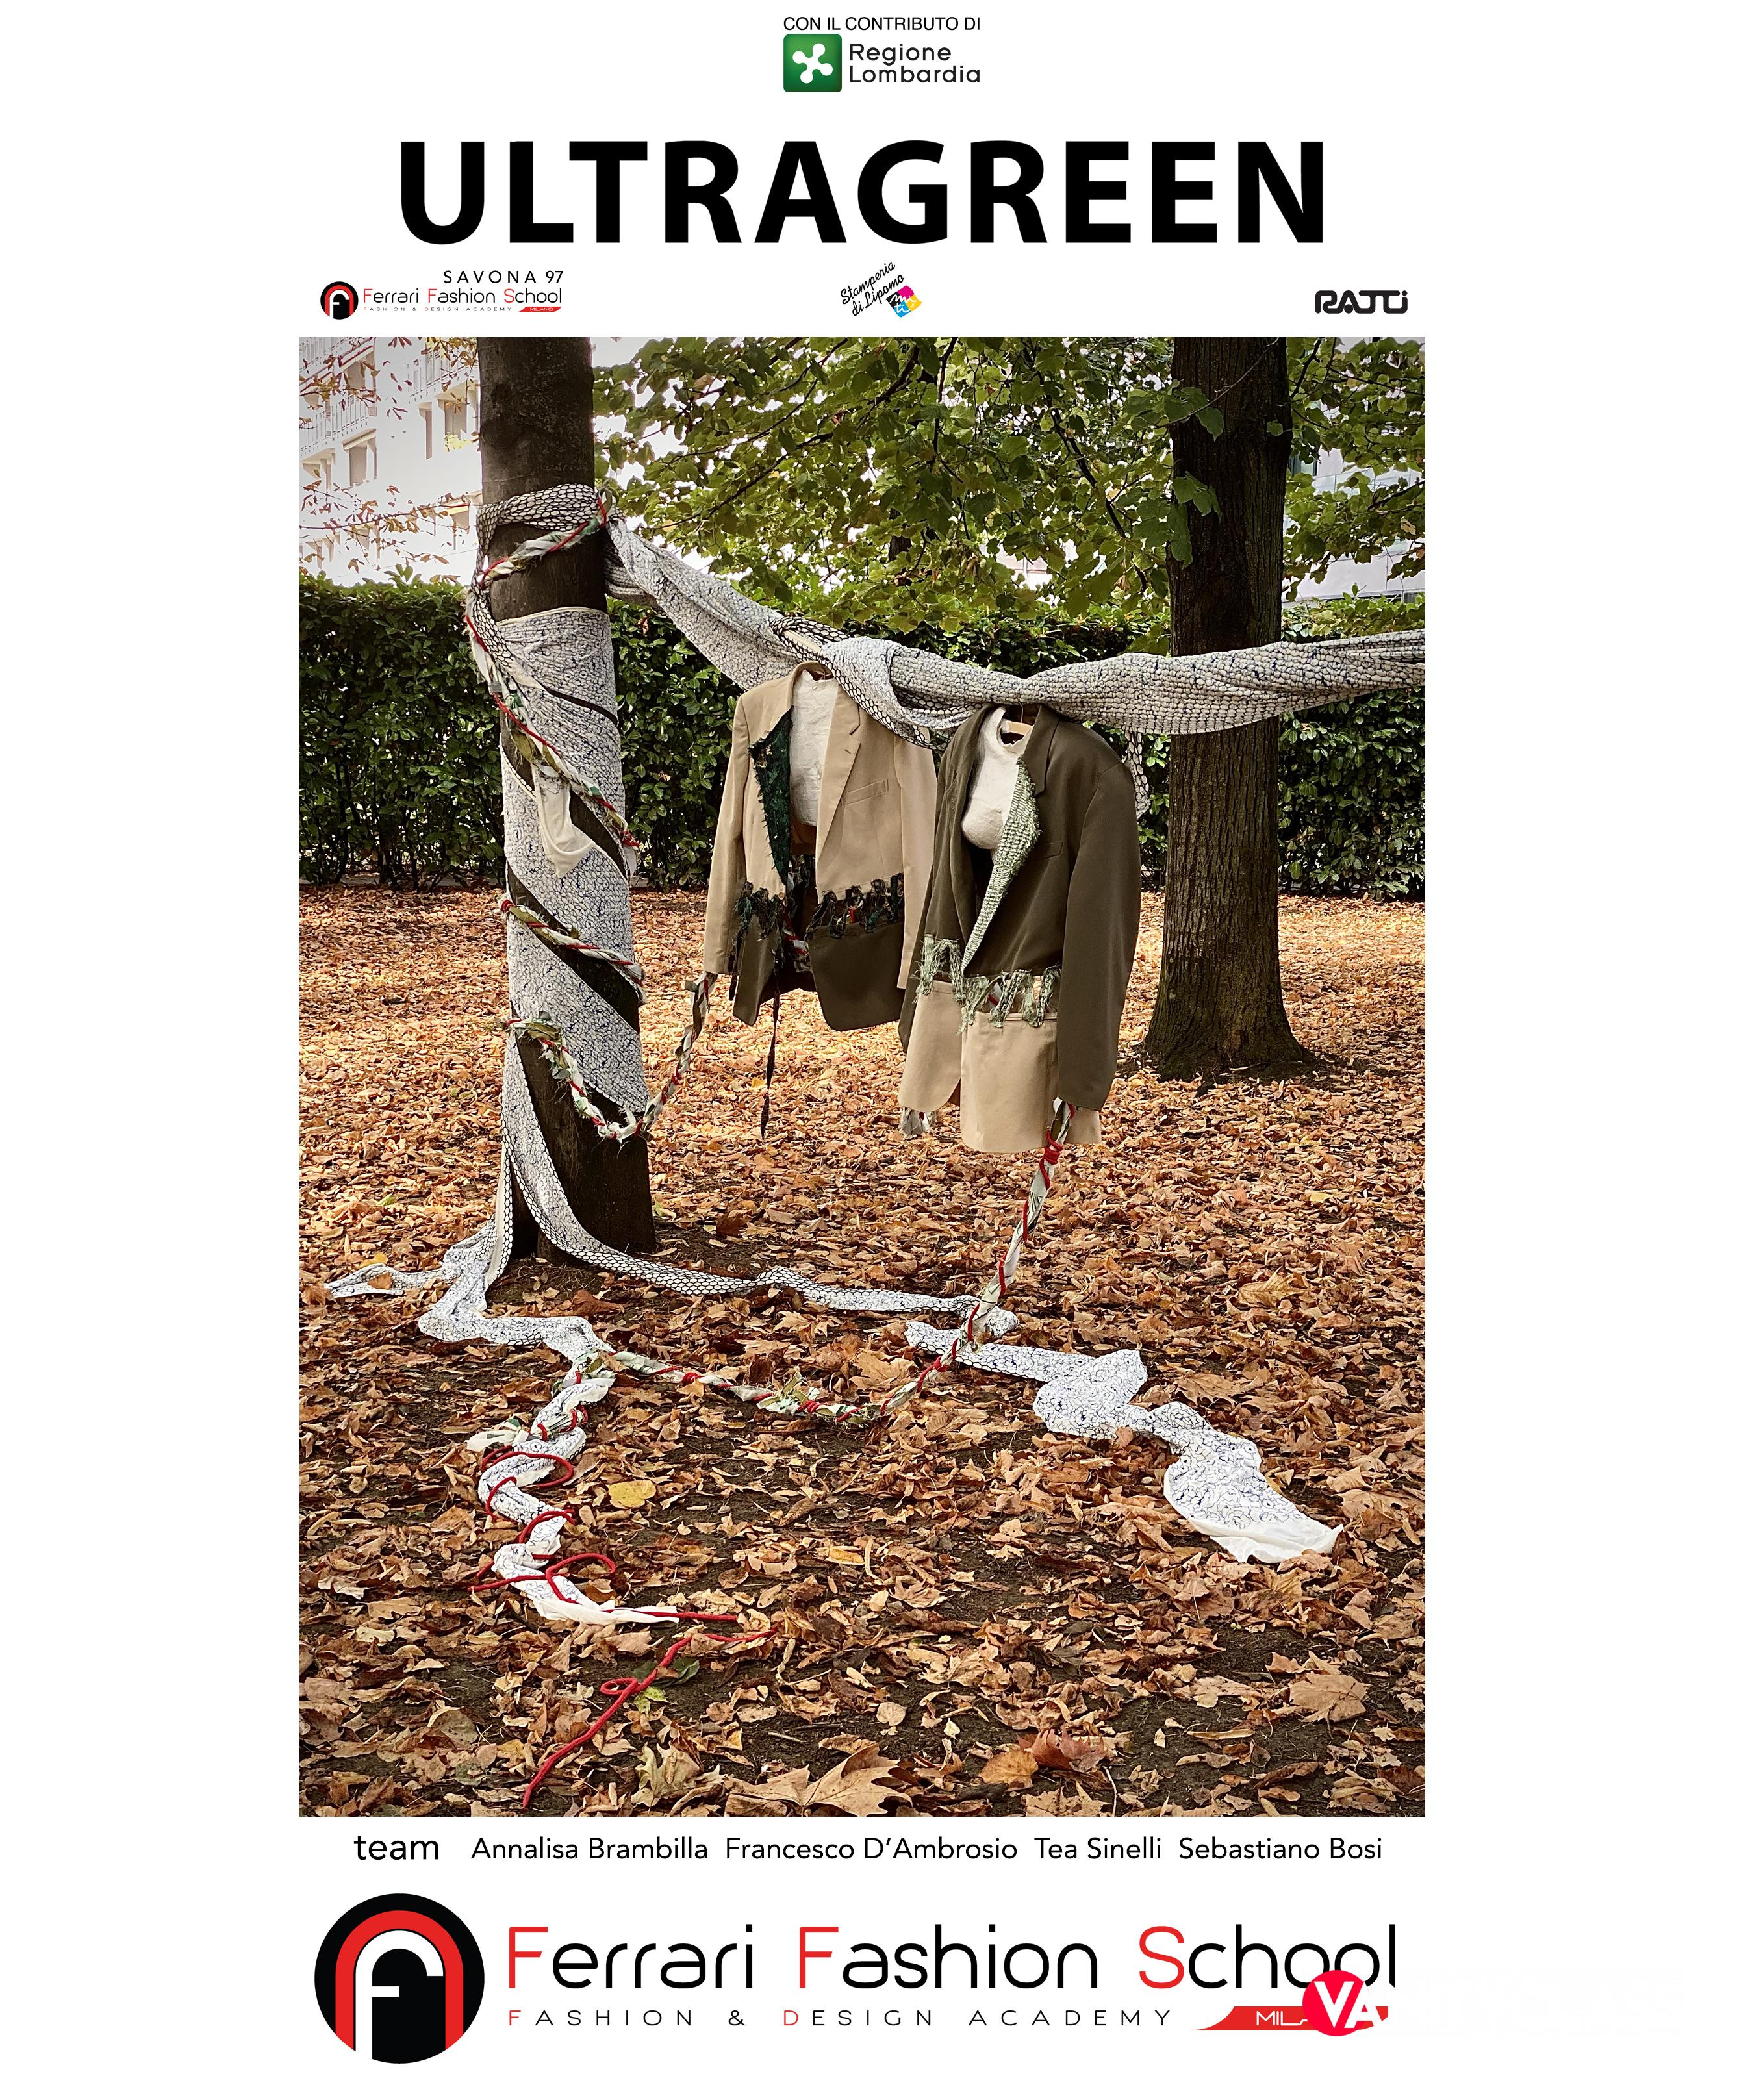 Ferrari Fashion School: Ultragreen | Rosso Valentino